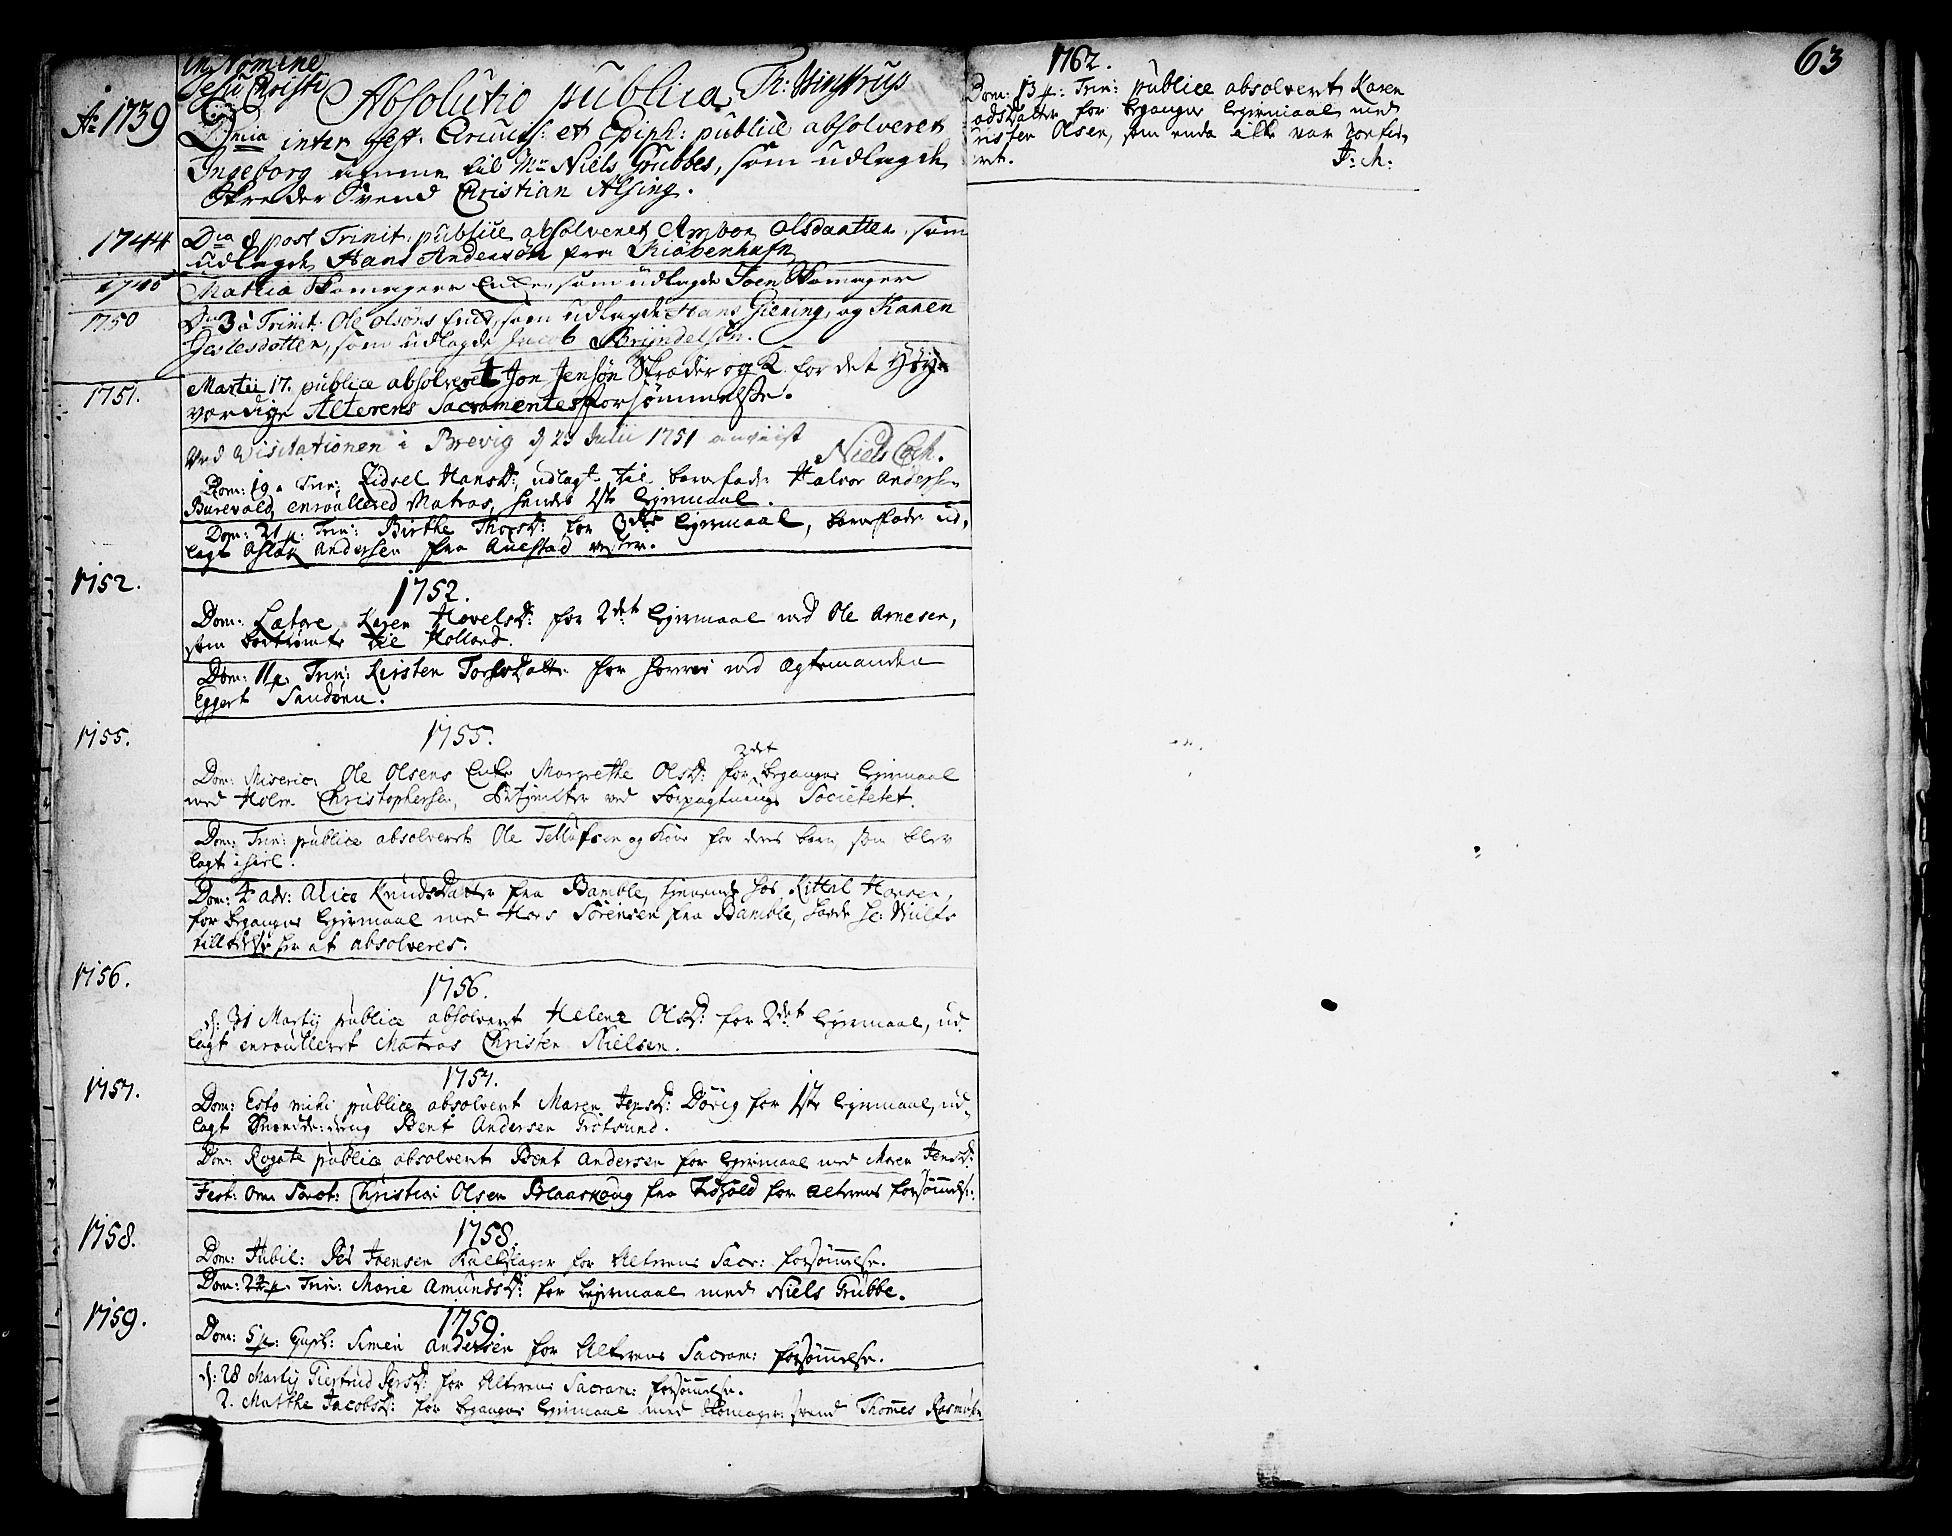 SAKO, Brevik kirkebøker, F/Fa/L0002: Ministerialbok nr. 2, 1720-1764, s. 63